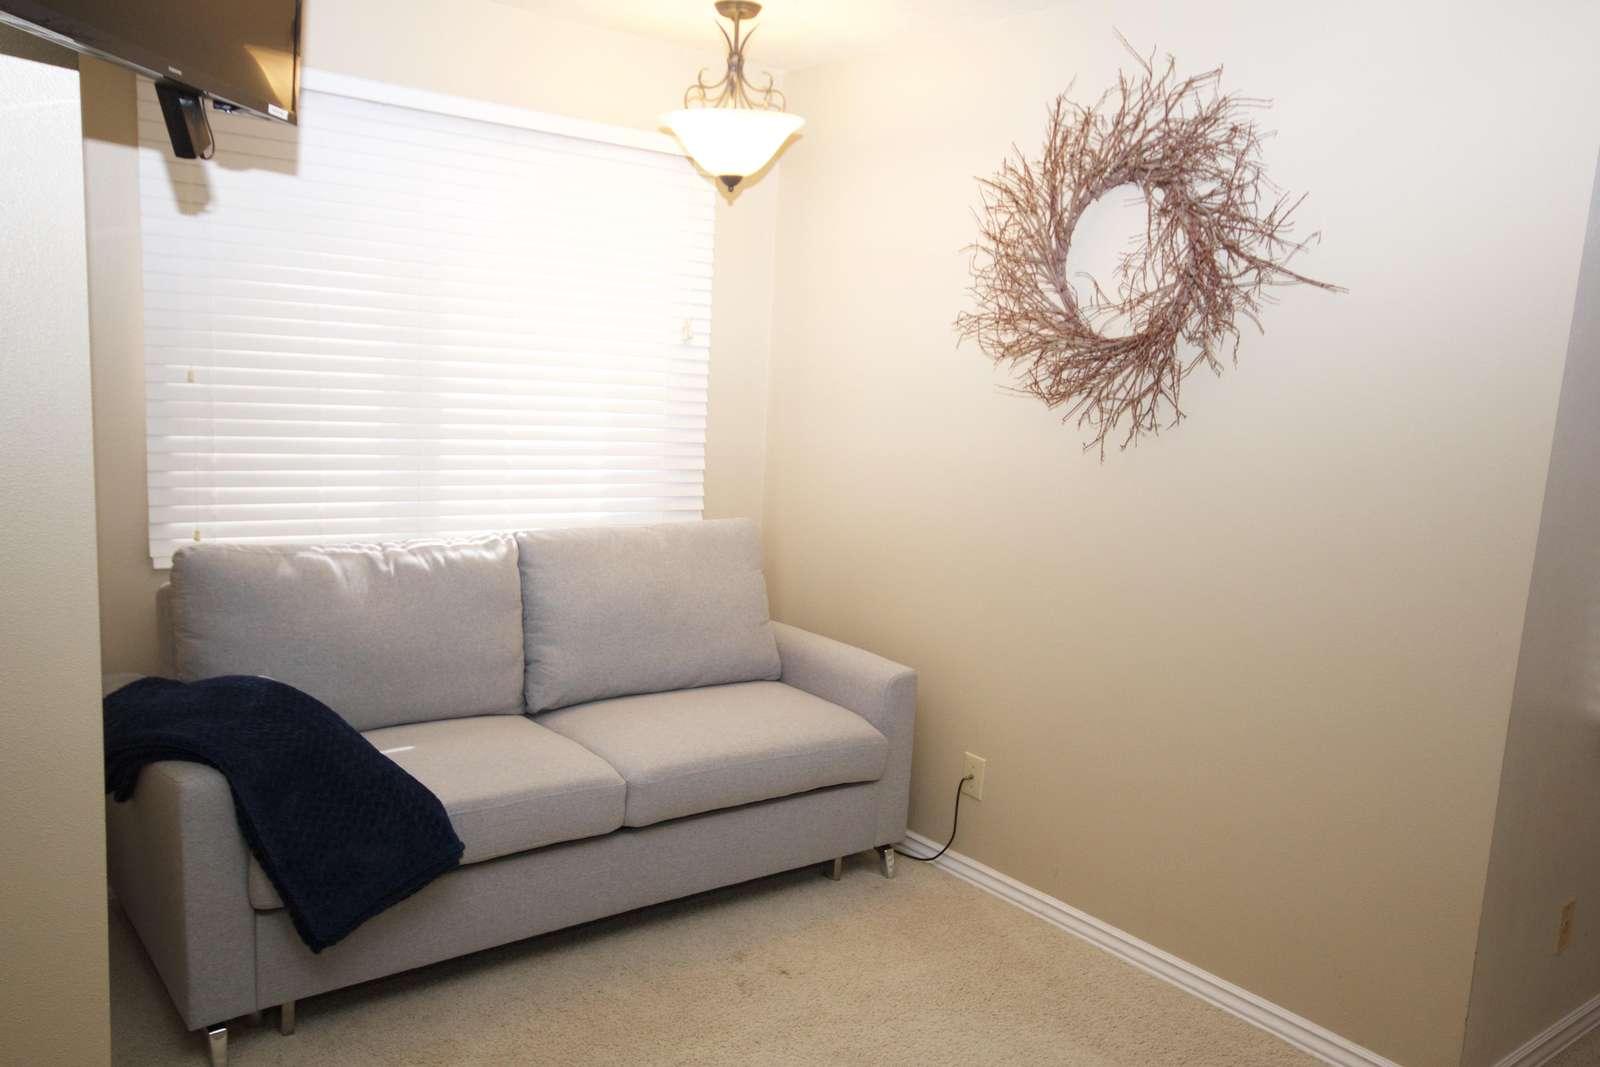 Sleeper Sofa in Master Bedroom